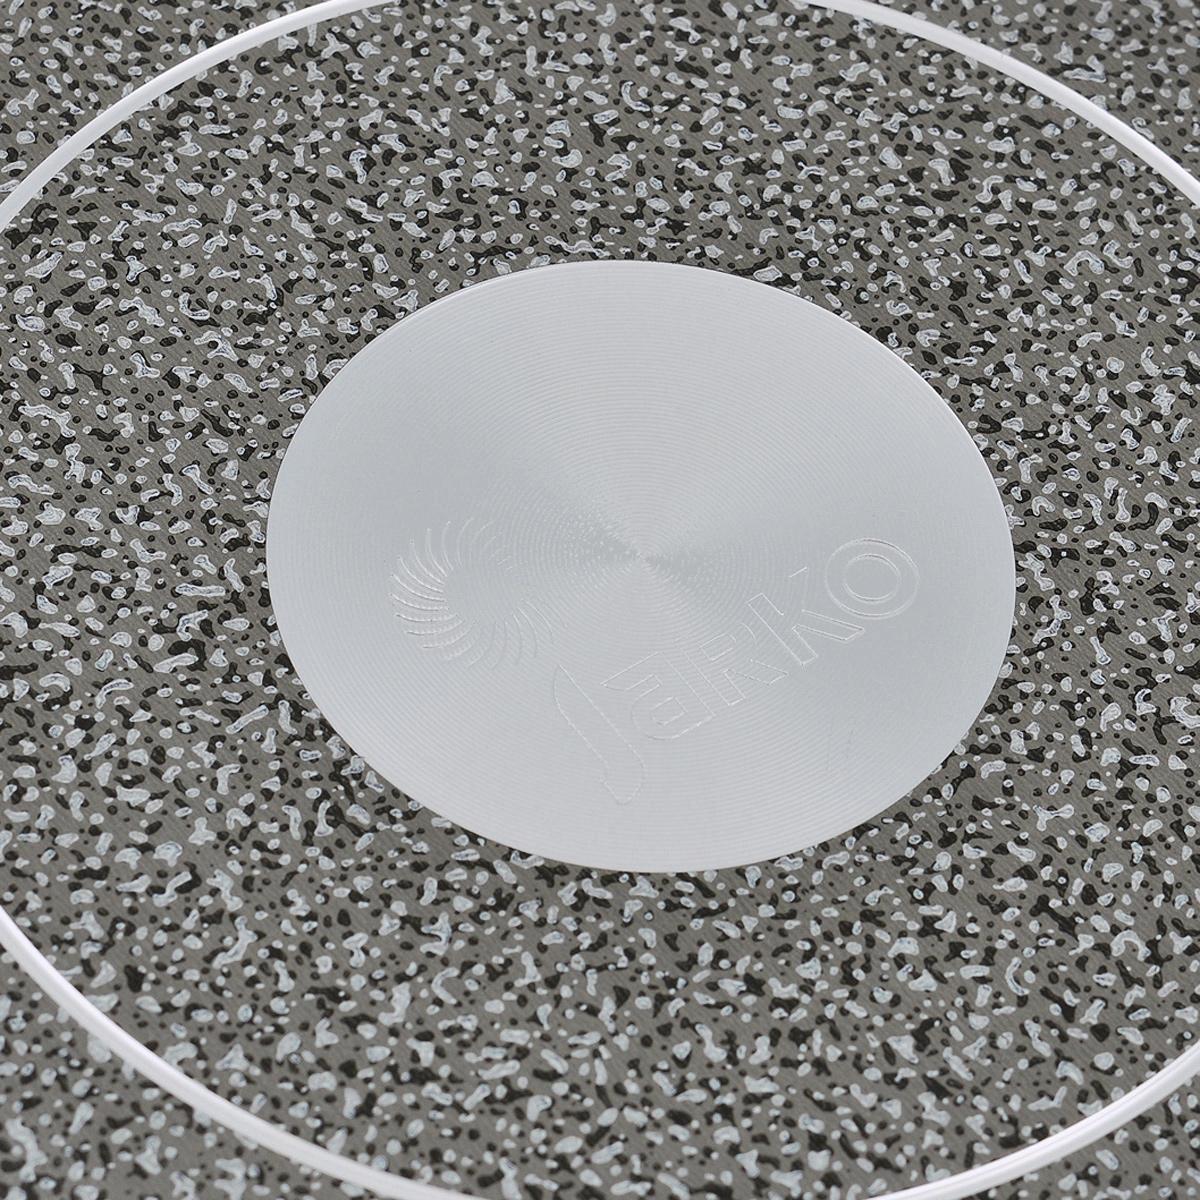 """Сковорода Jarko """"Onyx"""" изготовлена из экологичного алюминия с пятислойным внутренним и внешним антипригарным покрытием нового поколения PTFE Greblon. Она имеет 2 дополнительных слоя с эффектом каменного покрытия от Weilburger. Покрытие не оставляет послевкусия, делает возможным приготовление блюд без масла, сохраняет витамины и питательные вещества. Оно обладает повышенной стойкостью к царапинам и внешним воздействиям. Внешнее декоративное покрытие выдерживает высокую температуру. Съемная бакелитовая ручка не нагревается в процессе приготовления пищи. Изделие имеет крышку из жаропрочного стекла.Сковорода пригодна для использования на всех типах плит, кроме индукционных. Подходит для чистки в посудомоечной машине. Не применять абразивные чистящие средства. Не использовать жесткие щетки."""